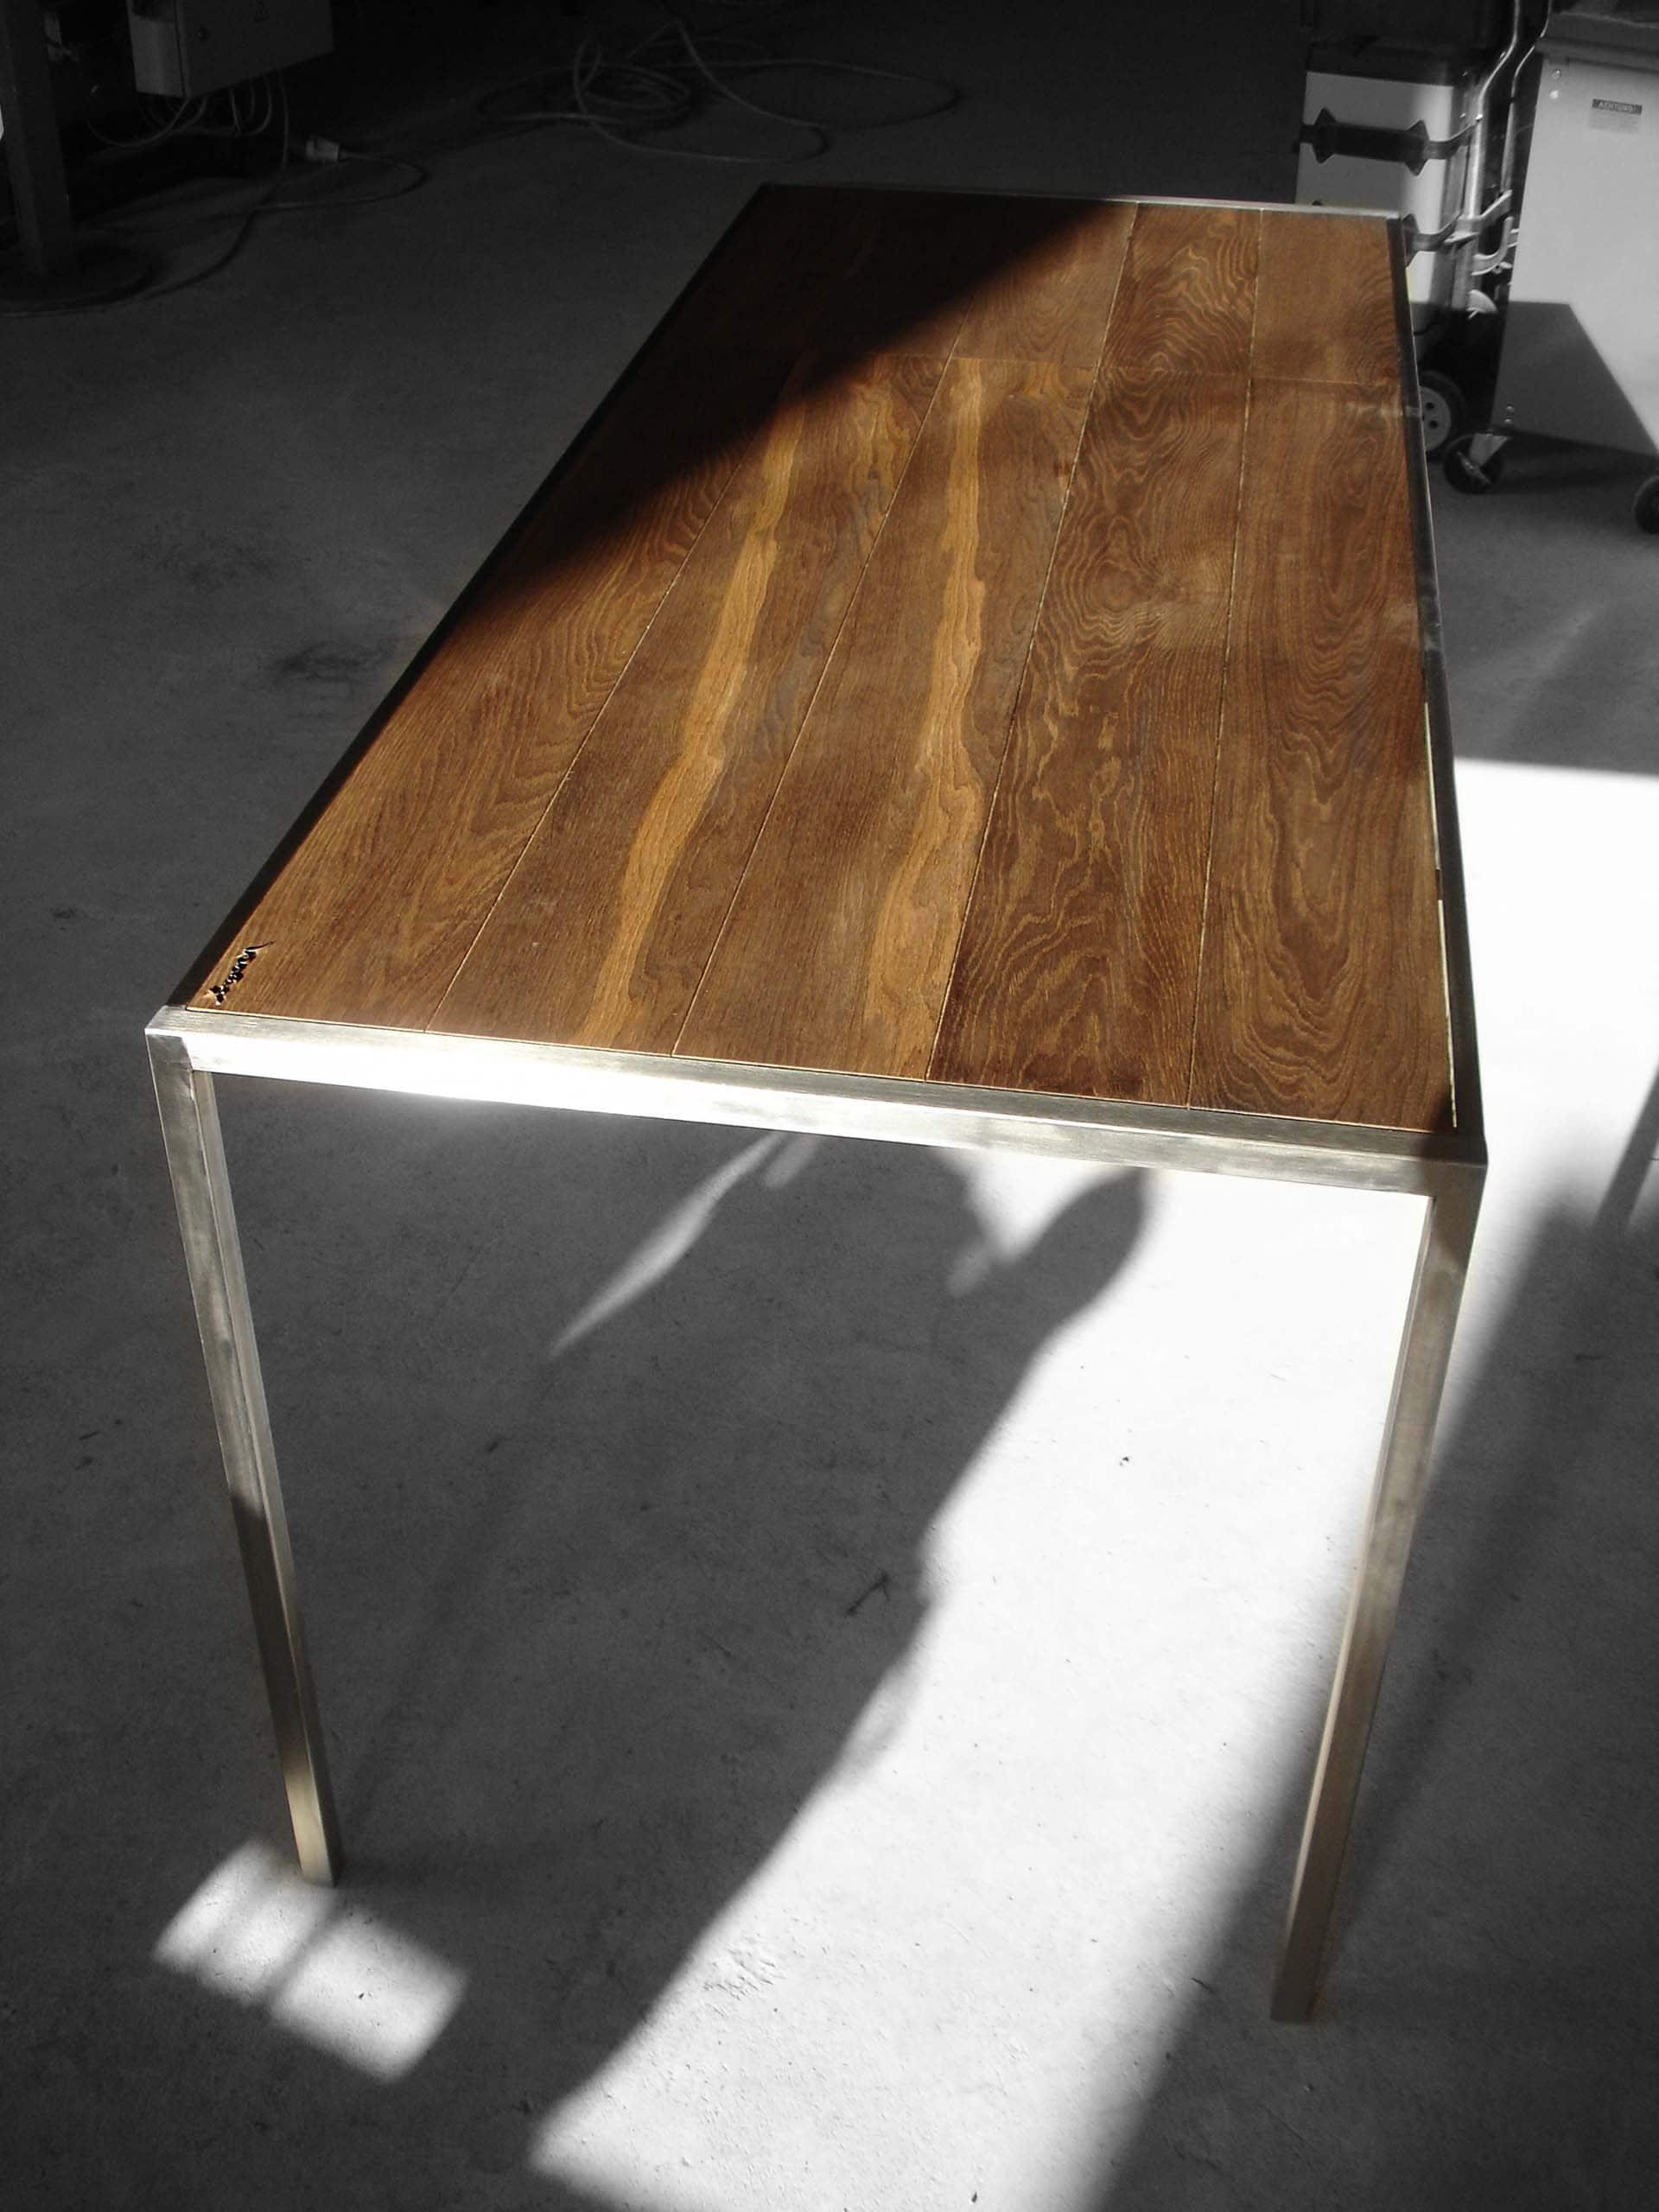 Design Tisch Dresden Nummer 1 aus Holz Metall Edel-Stahl by Sebastian Bohry timeless design